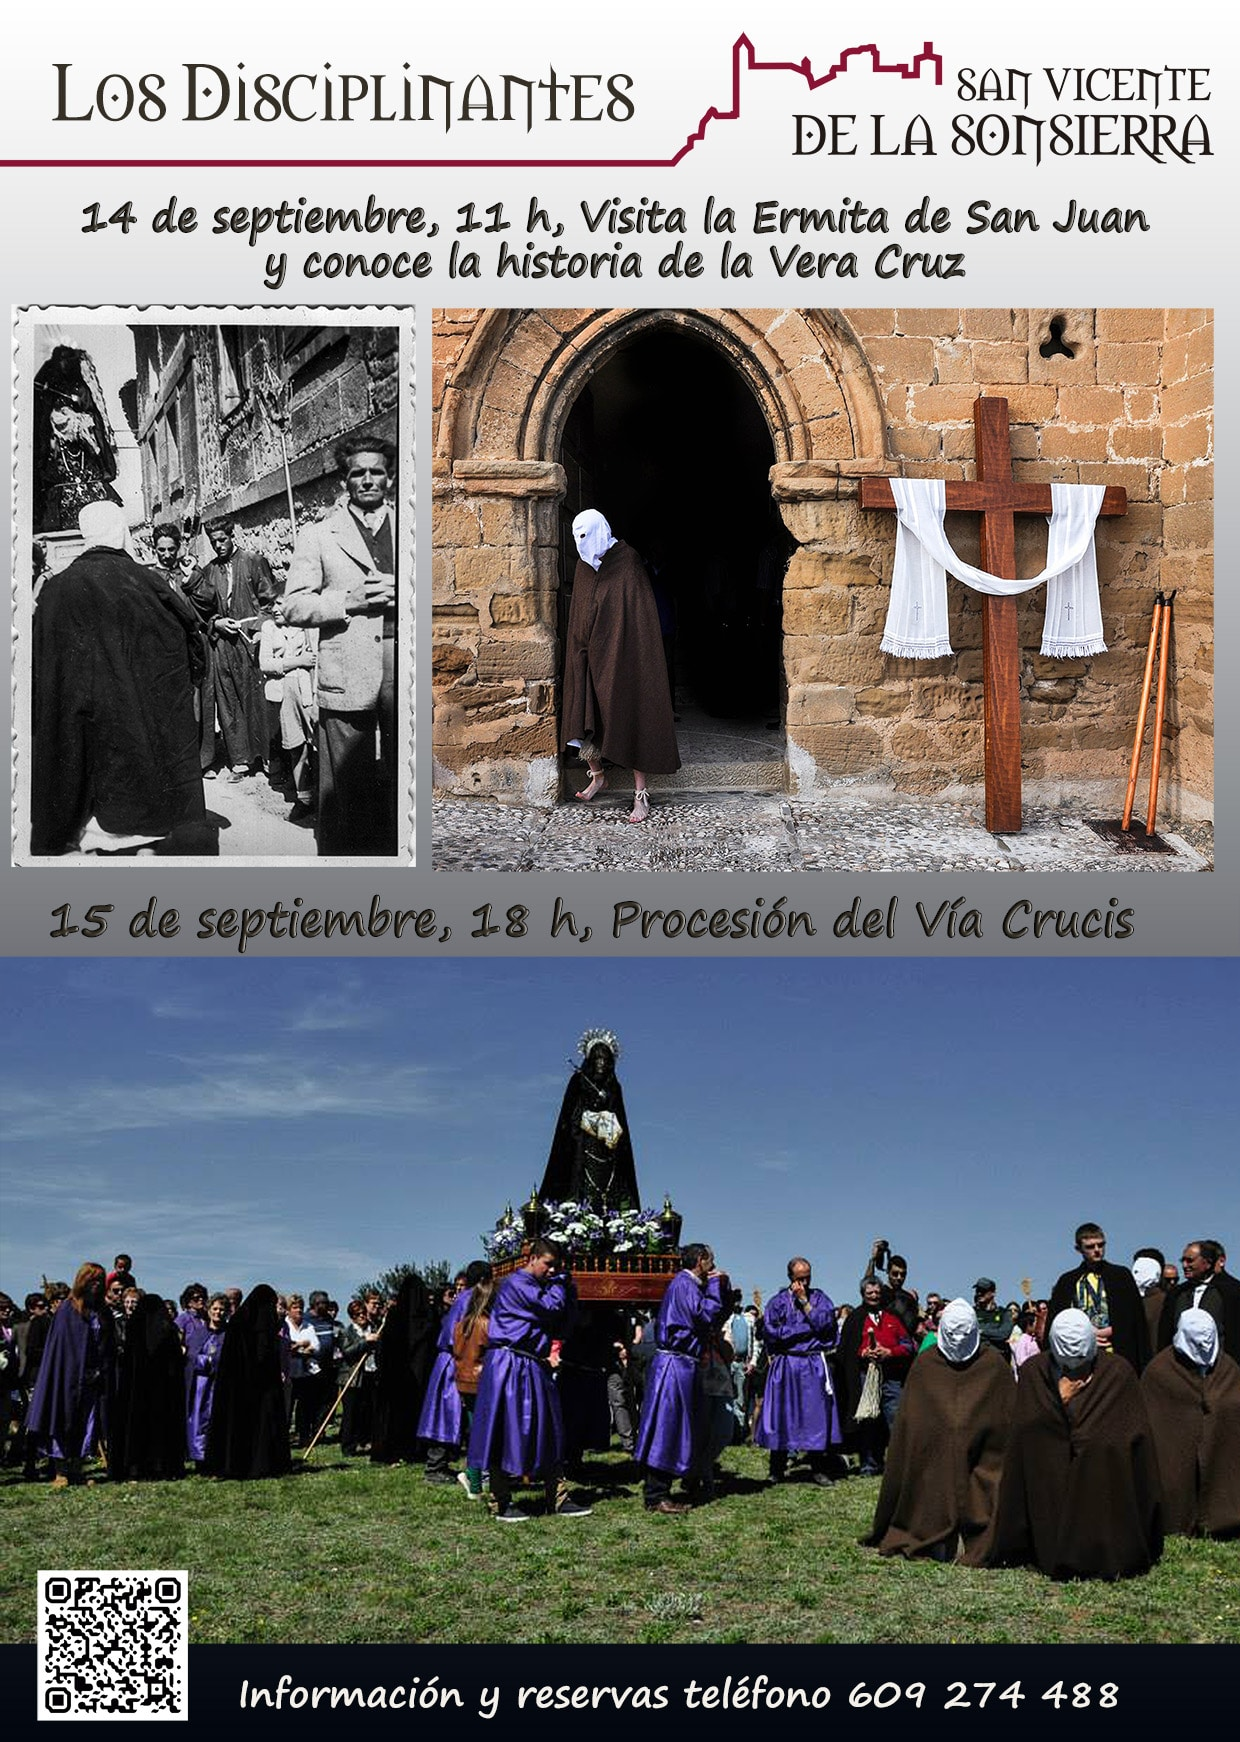 Los Picaos de San Vicente de la Sonsierra vuelven a salir en procesión el 15 de septiembre 1